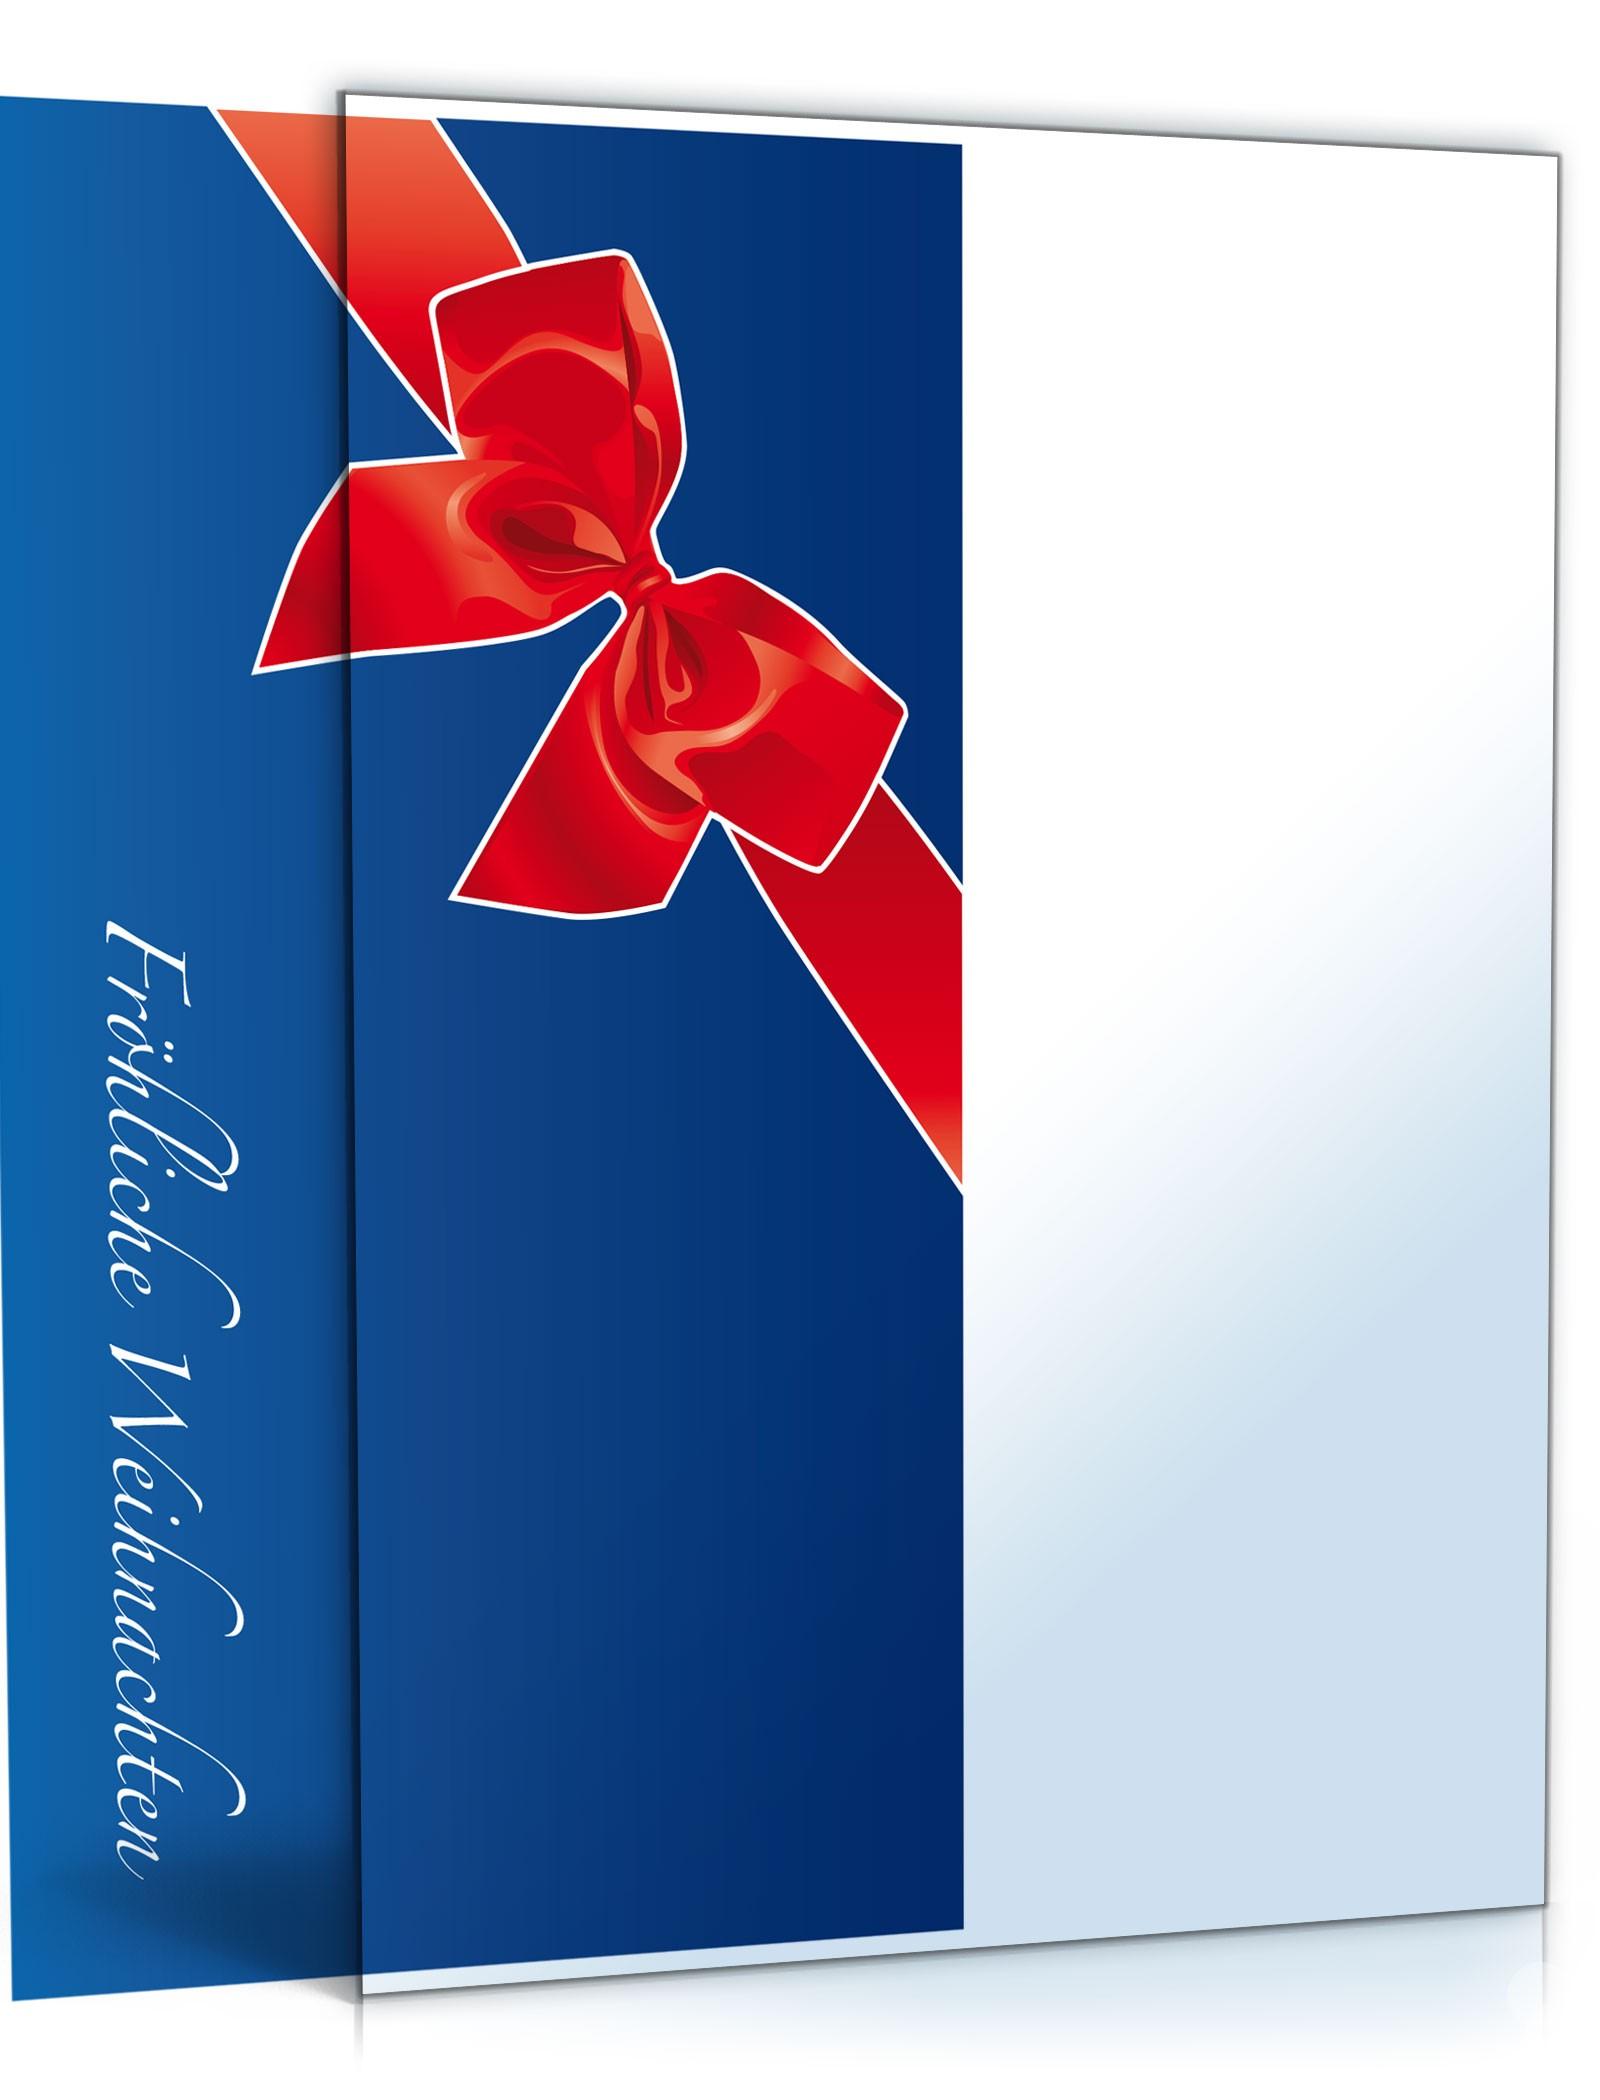 Weihnachtskarten Muster.Weihnachtskarte Muster Vorlage Zum Download